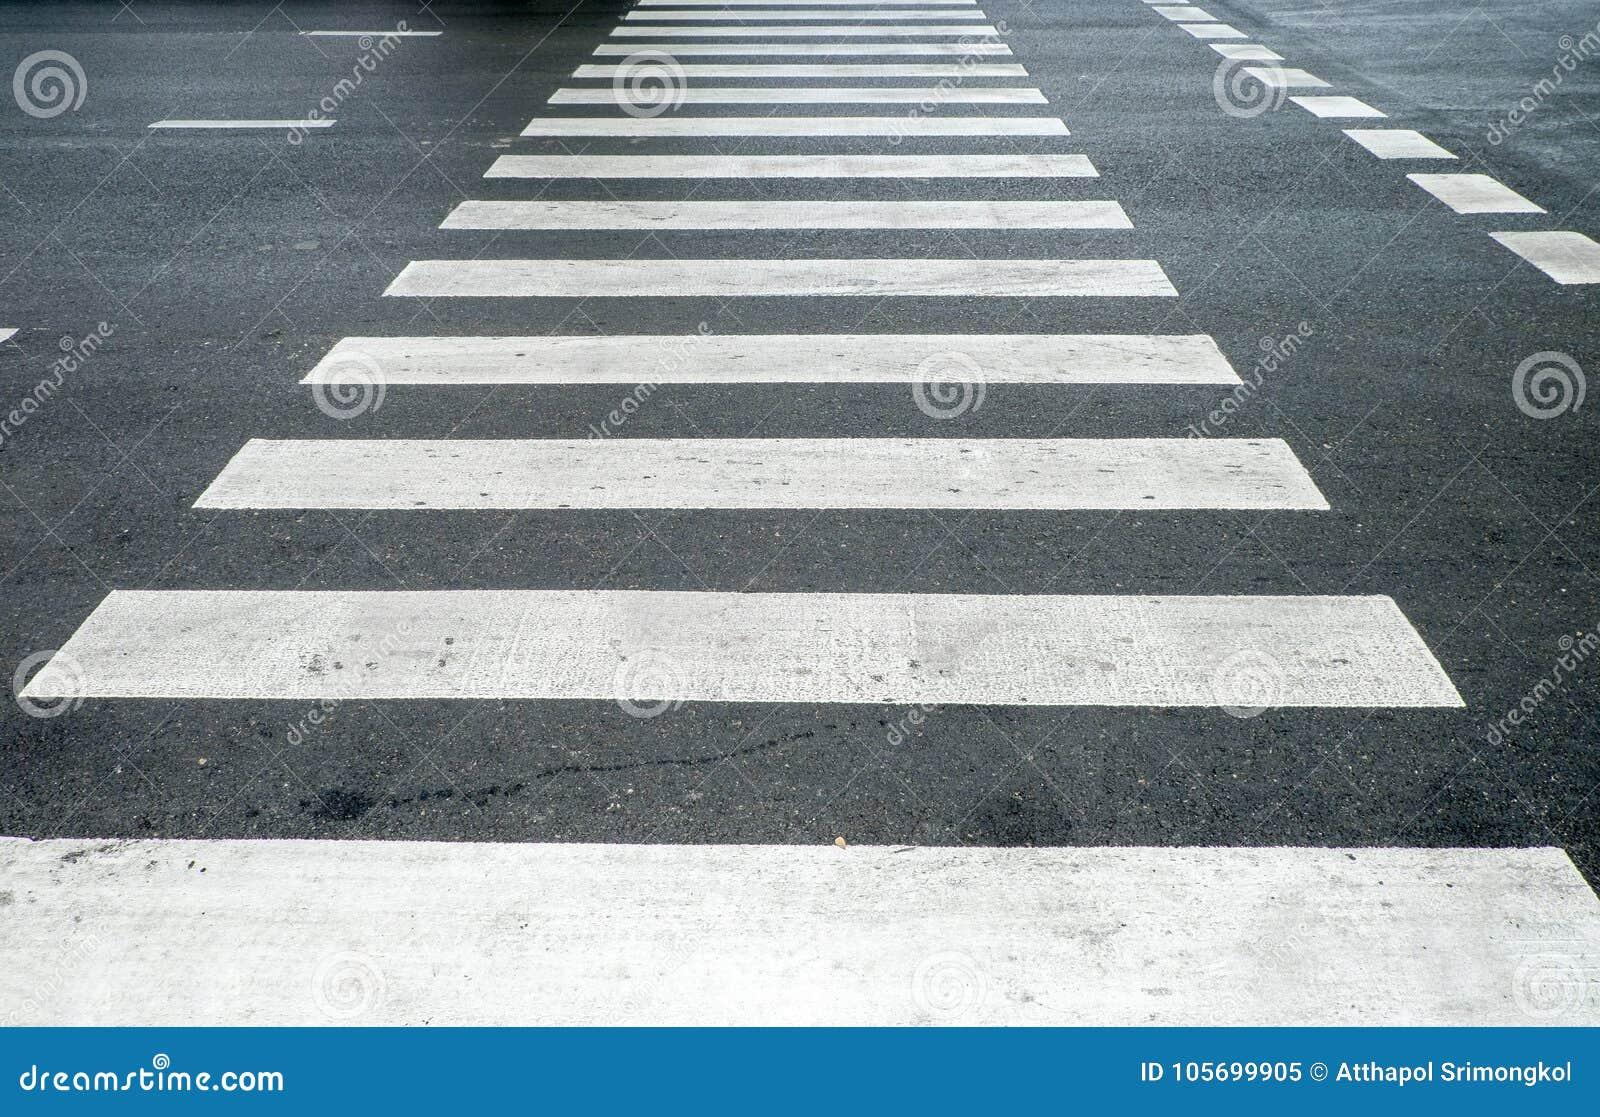 Crosswalk for walking across the street